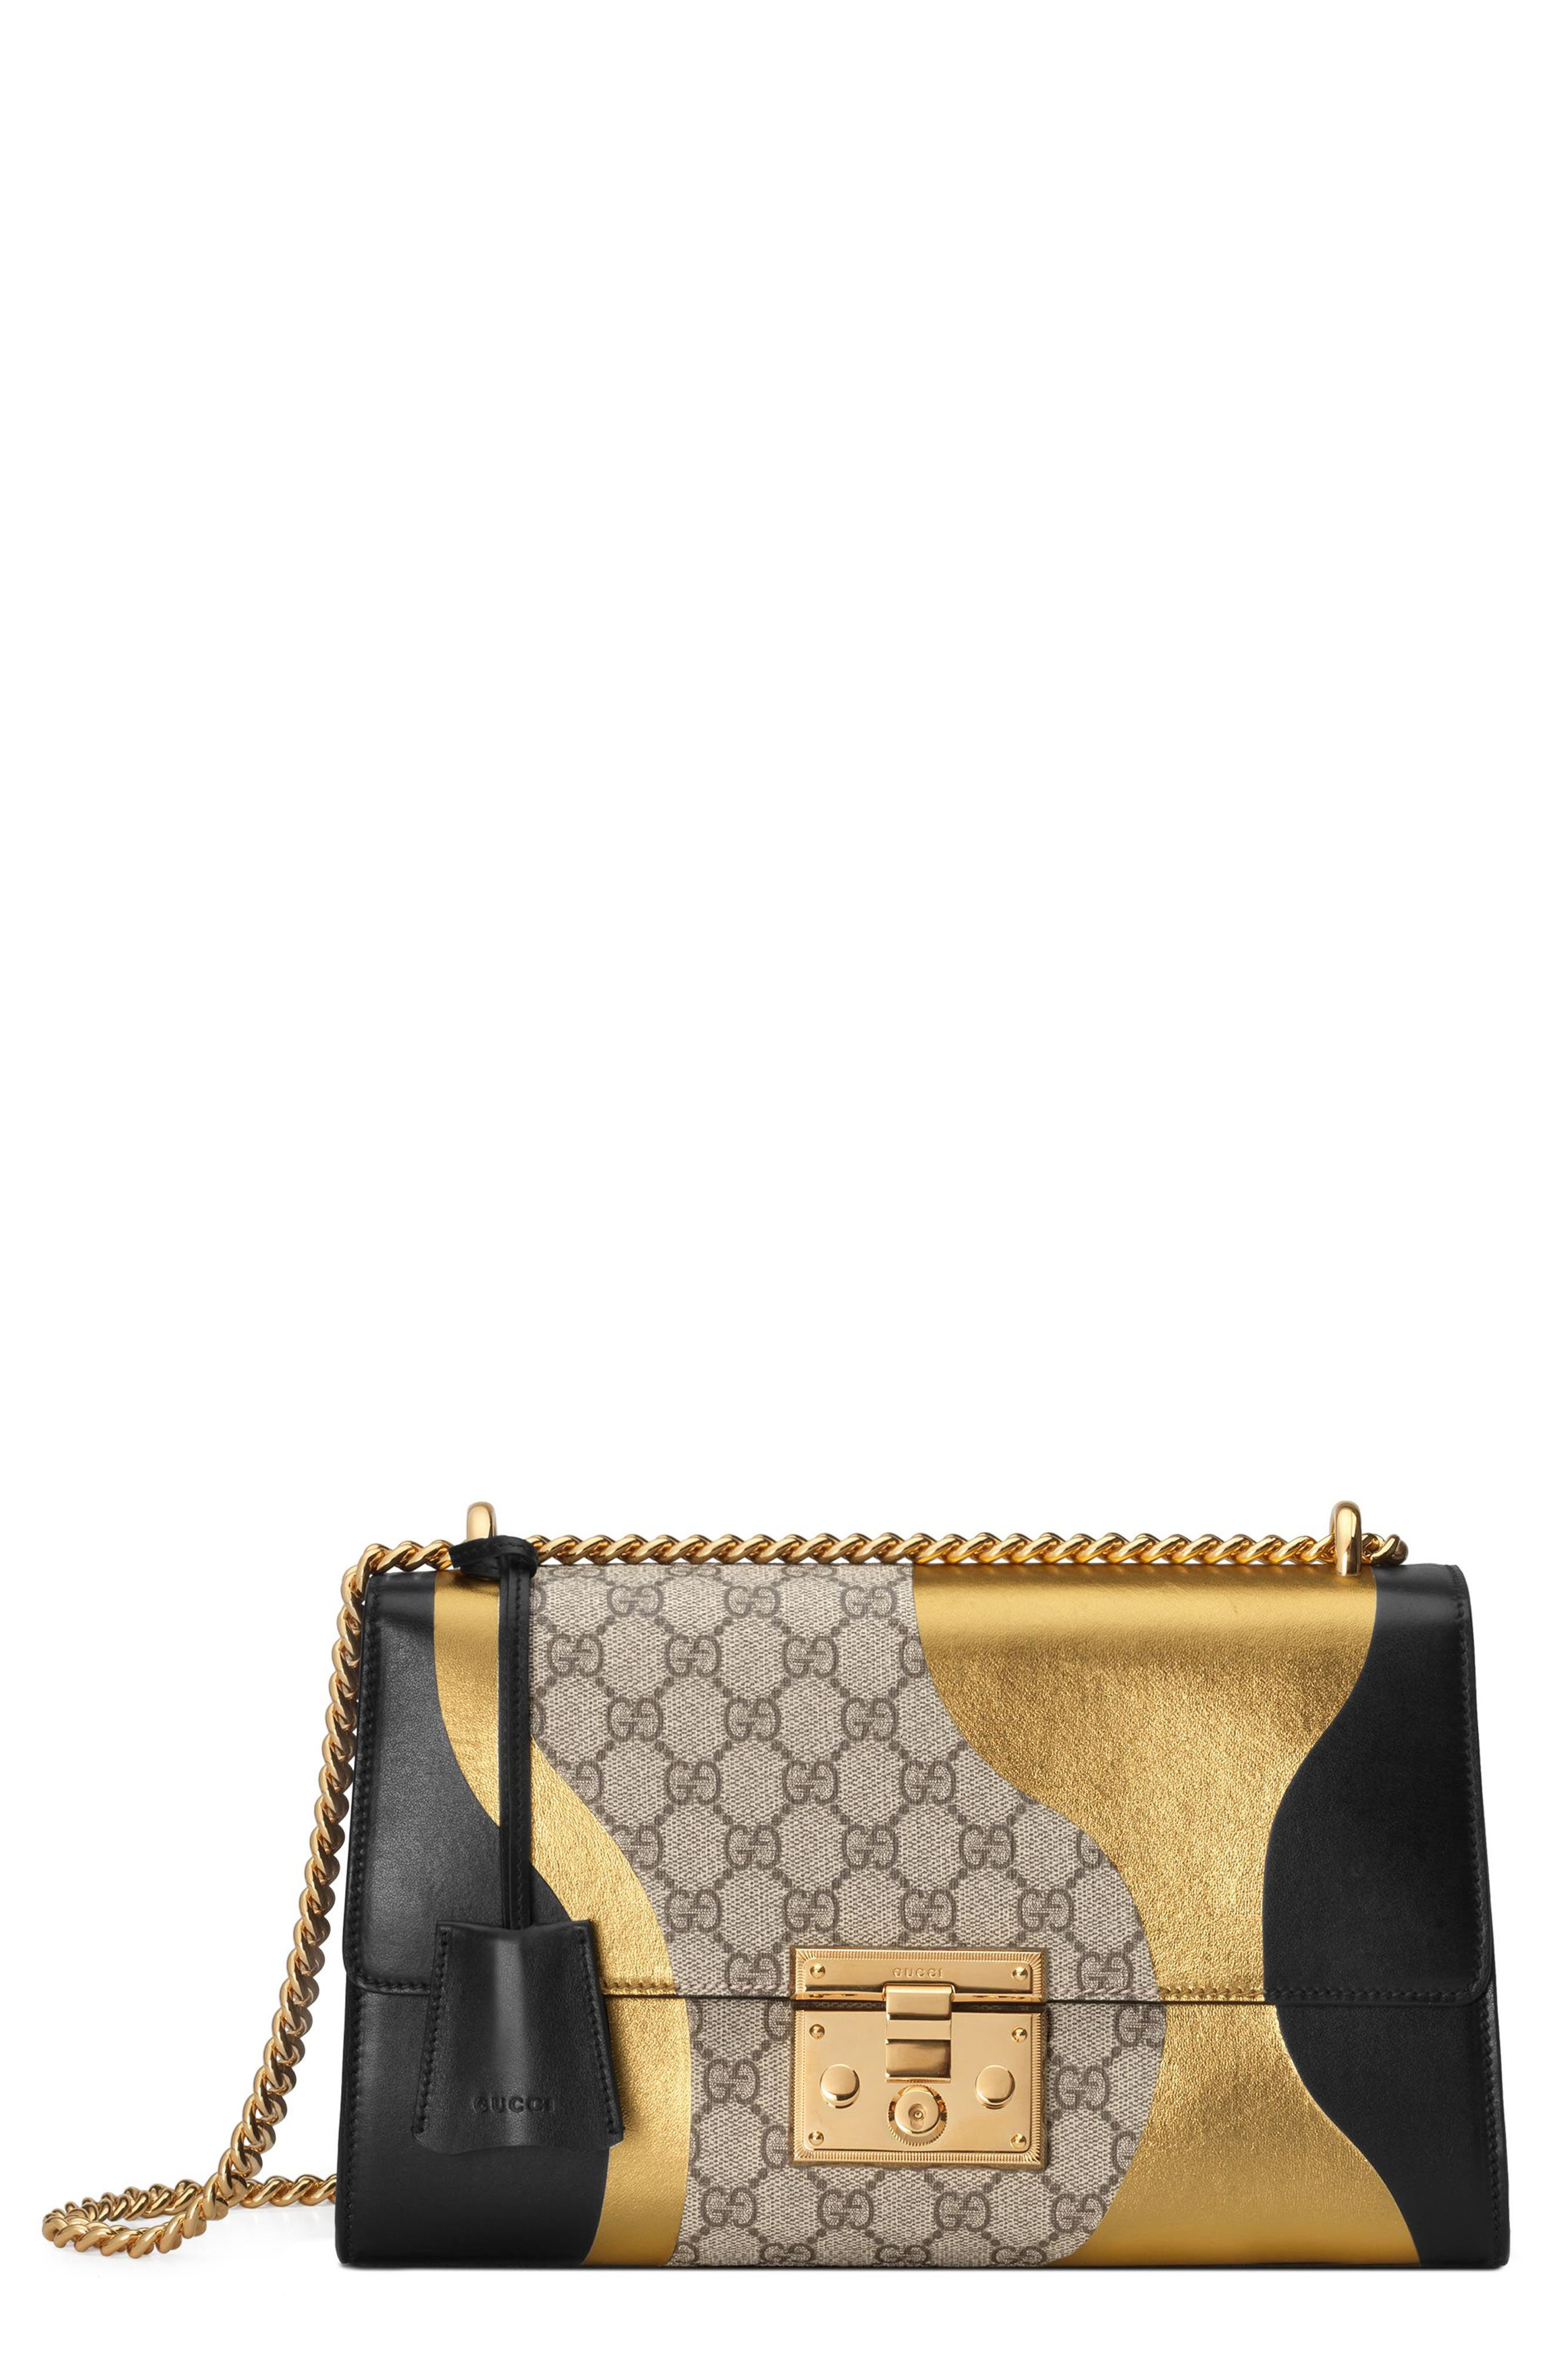 Medium Padlock GG Supreme Canvas & Leather Shoulder Bag,                         Main,                         color, NERO/ORO VECCHIO